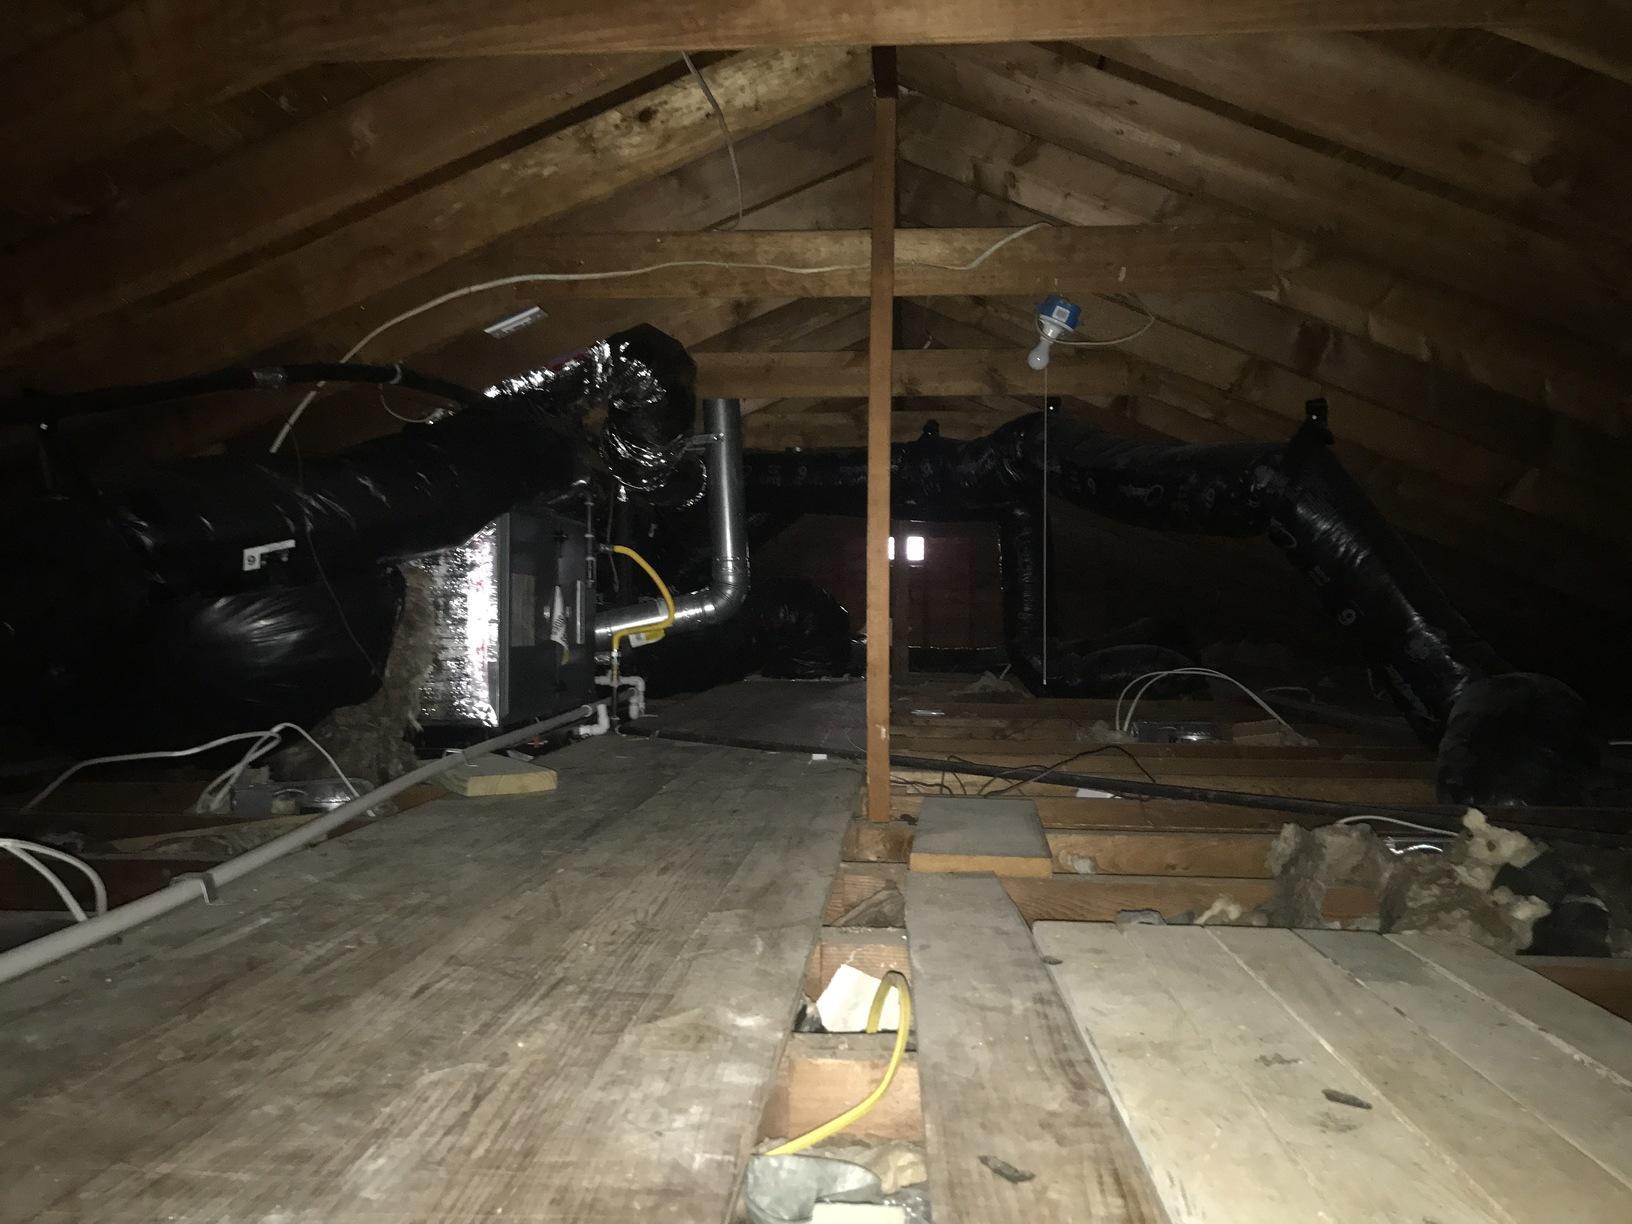 Attic Insulation and HVAC Equipment in Pt. Pleasant NJ - Before Photo